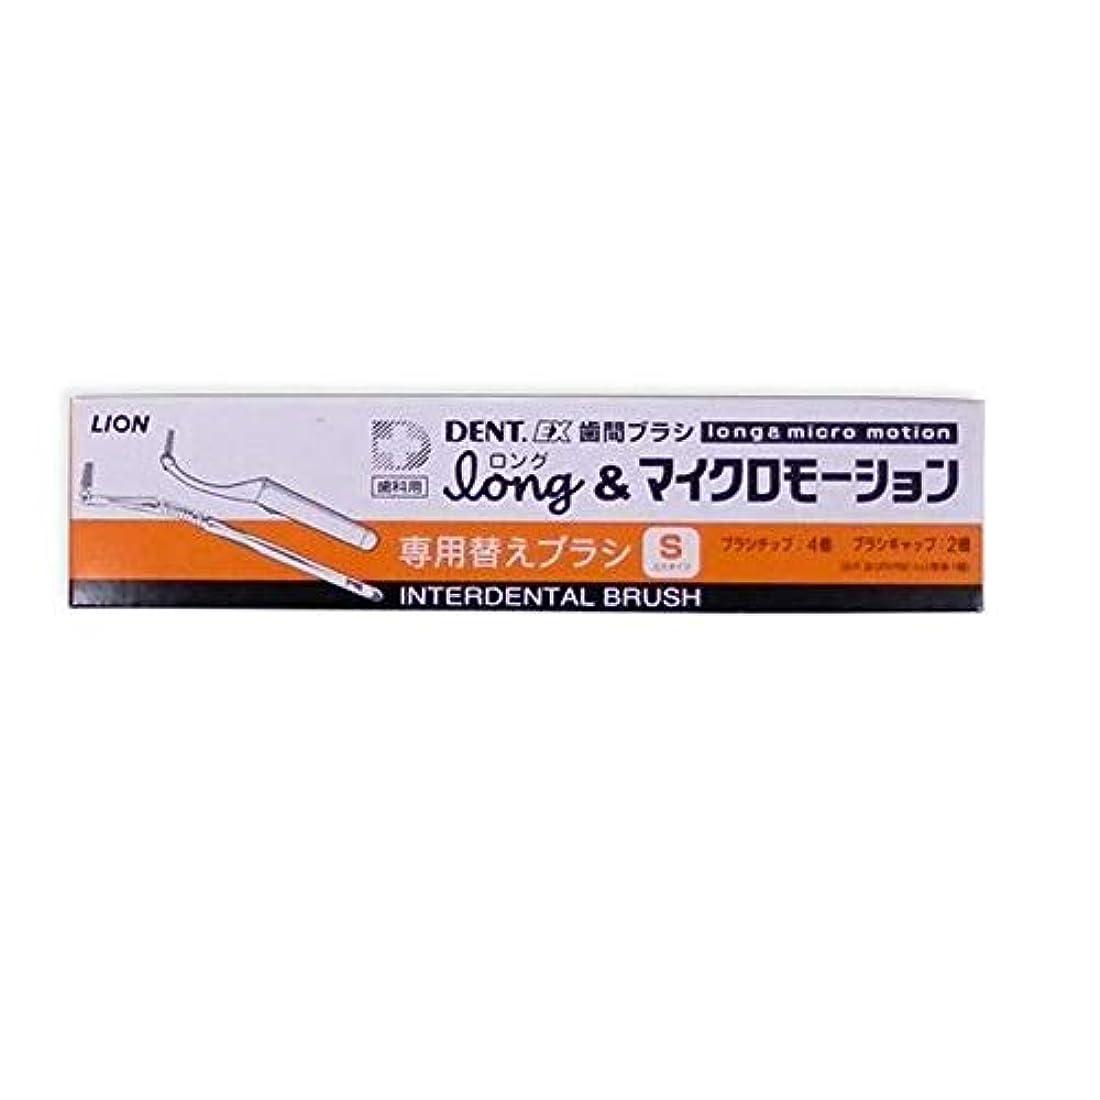 結紮習熟度家事ライオン DENT . EX 歯間ブラシ long ロング & マイクロモーション 専用 替えブラシ 4本入 × 10個 S